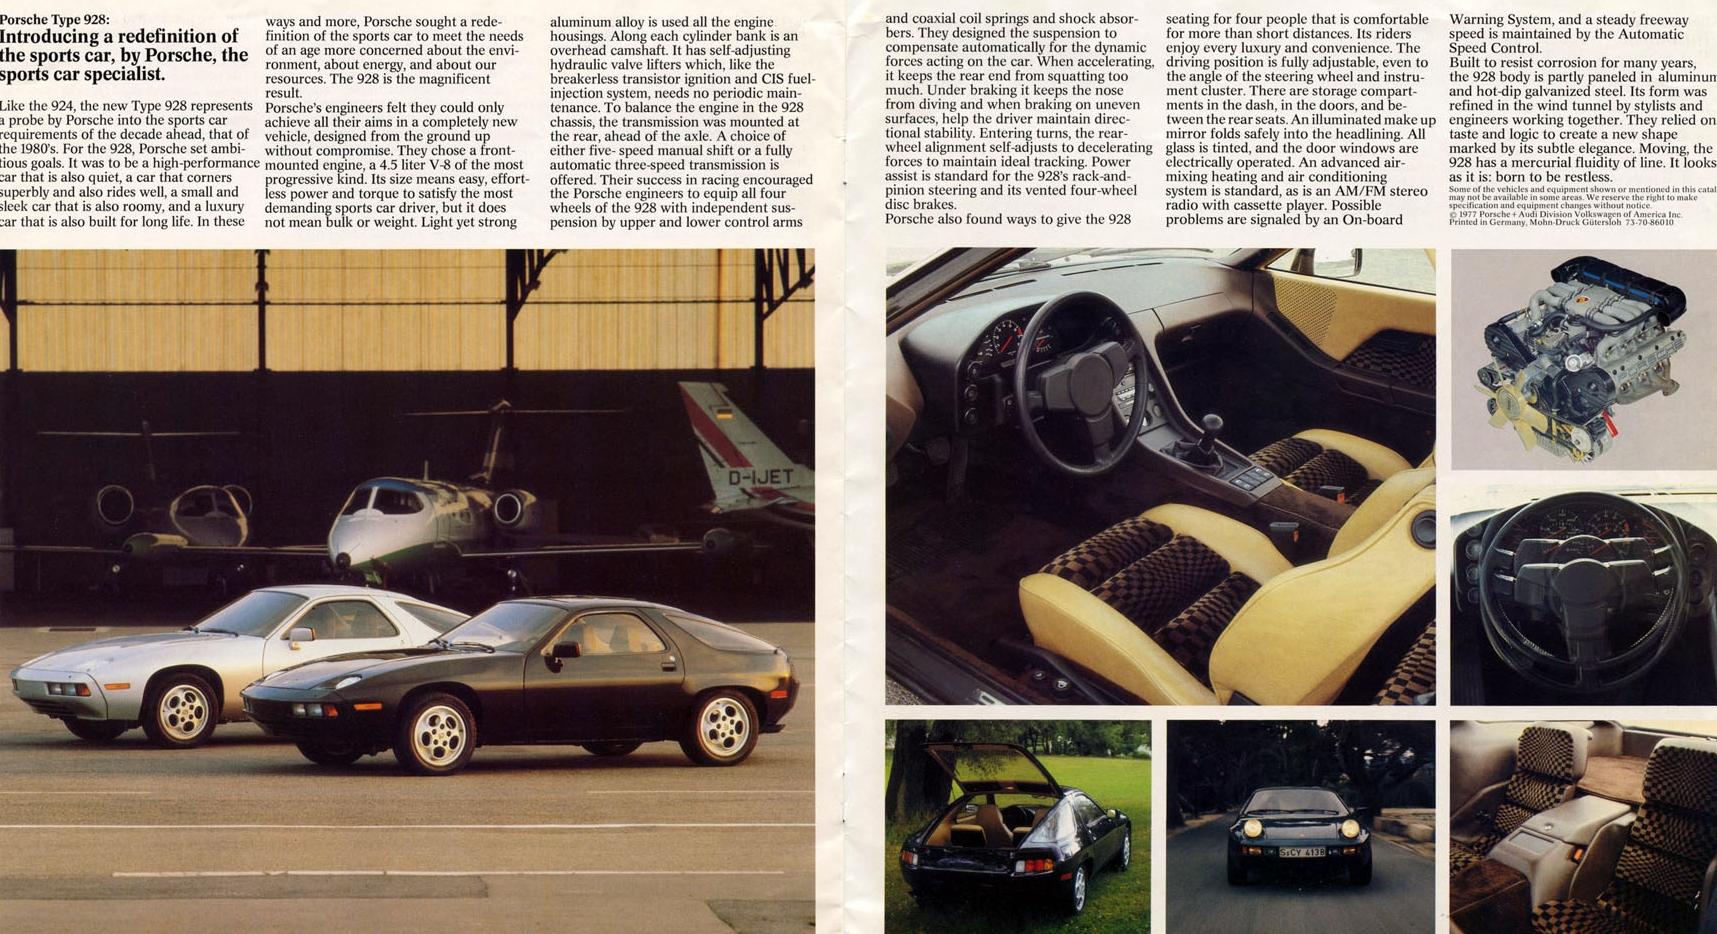 TunnelRam_1977_Porsche_928.jpg